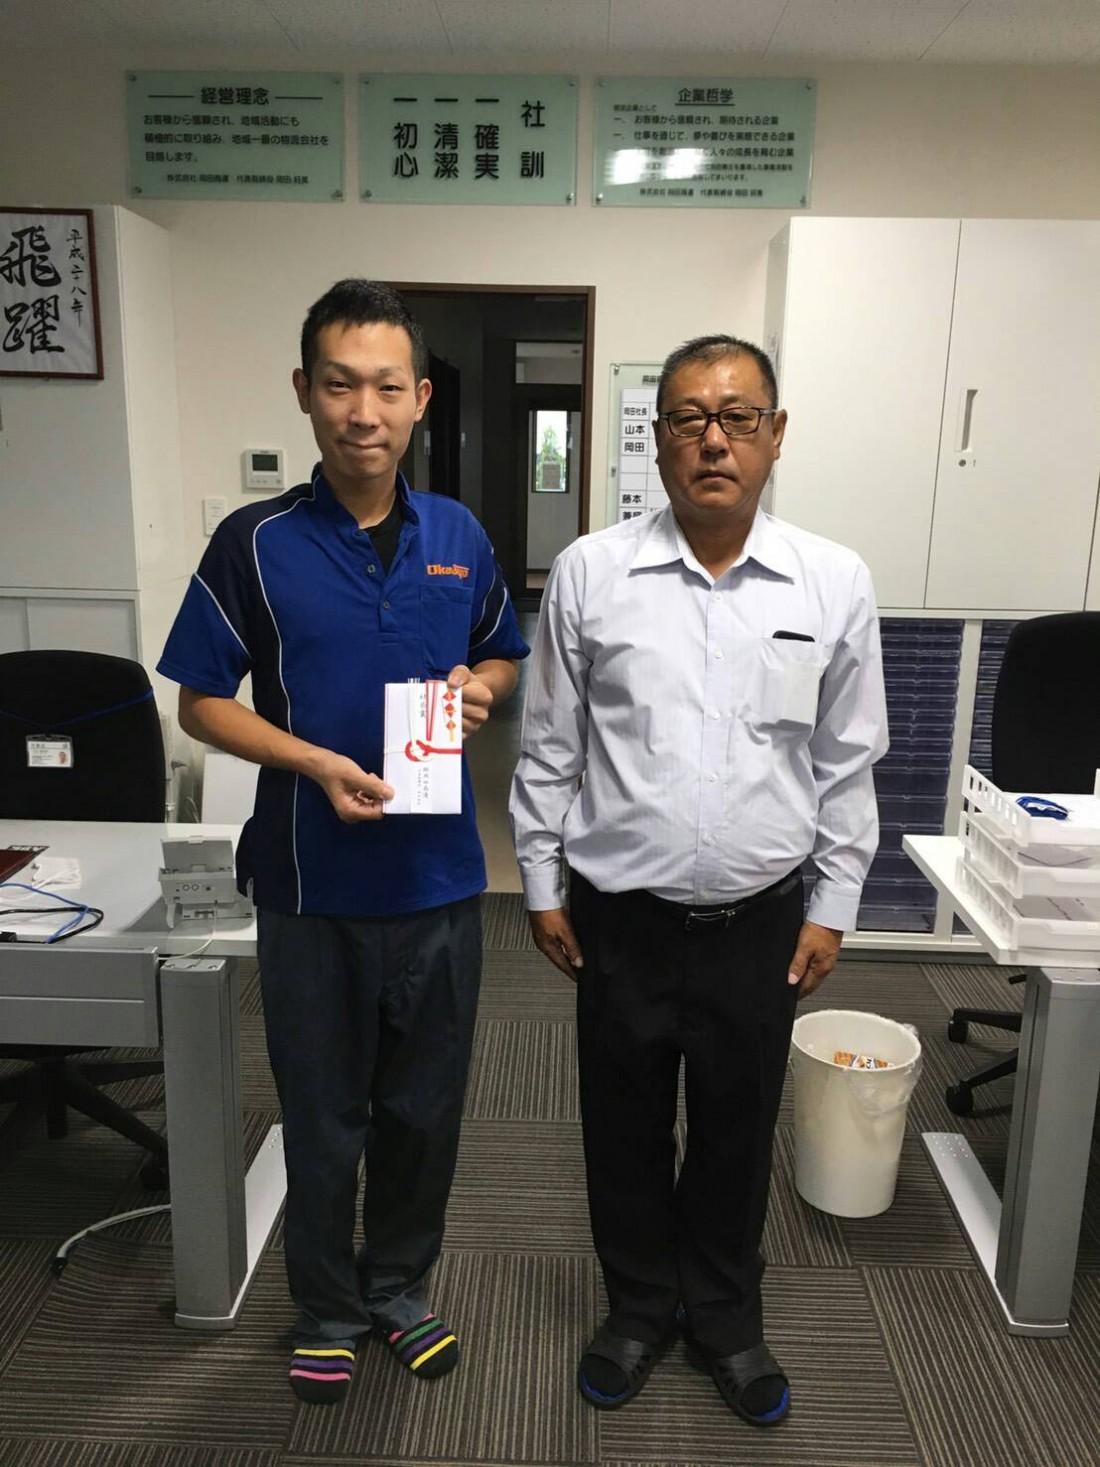 2016年9月12日、岡山営業所の中塚乗務員がお客様から素晴らしい乗務員だと連絡があり、  模範乗務員として社長賞を表彰